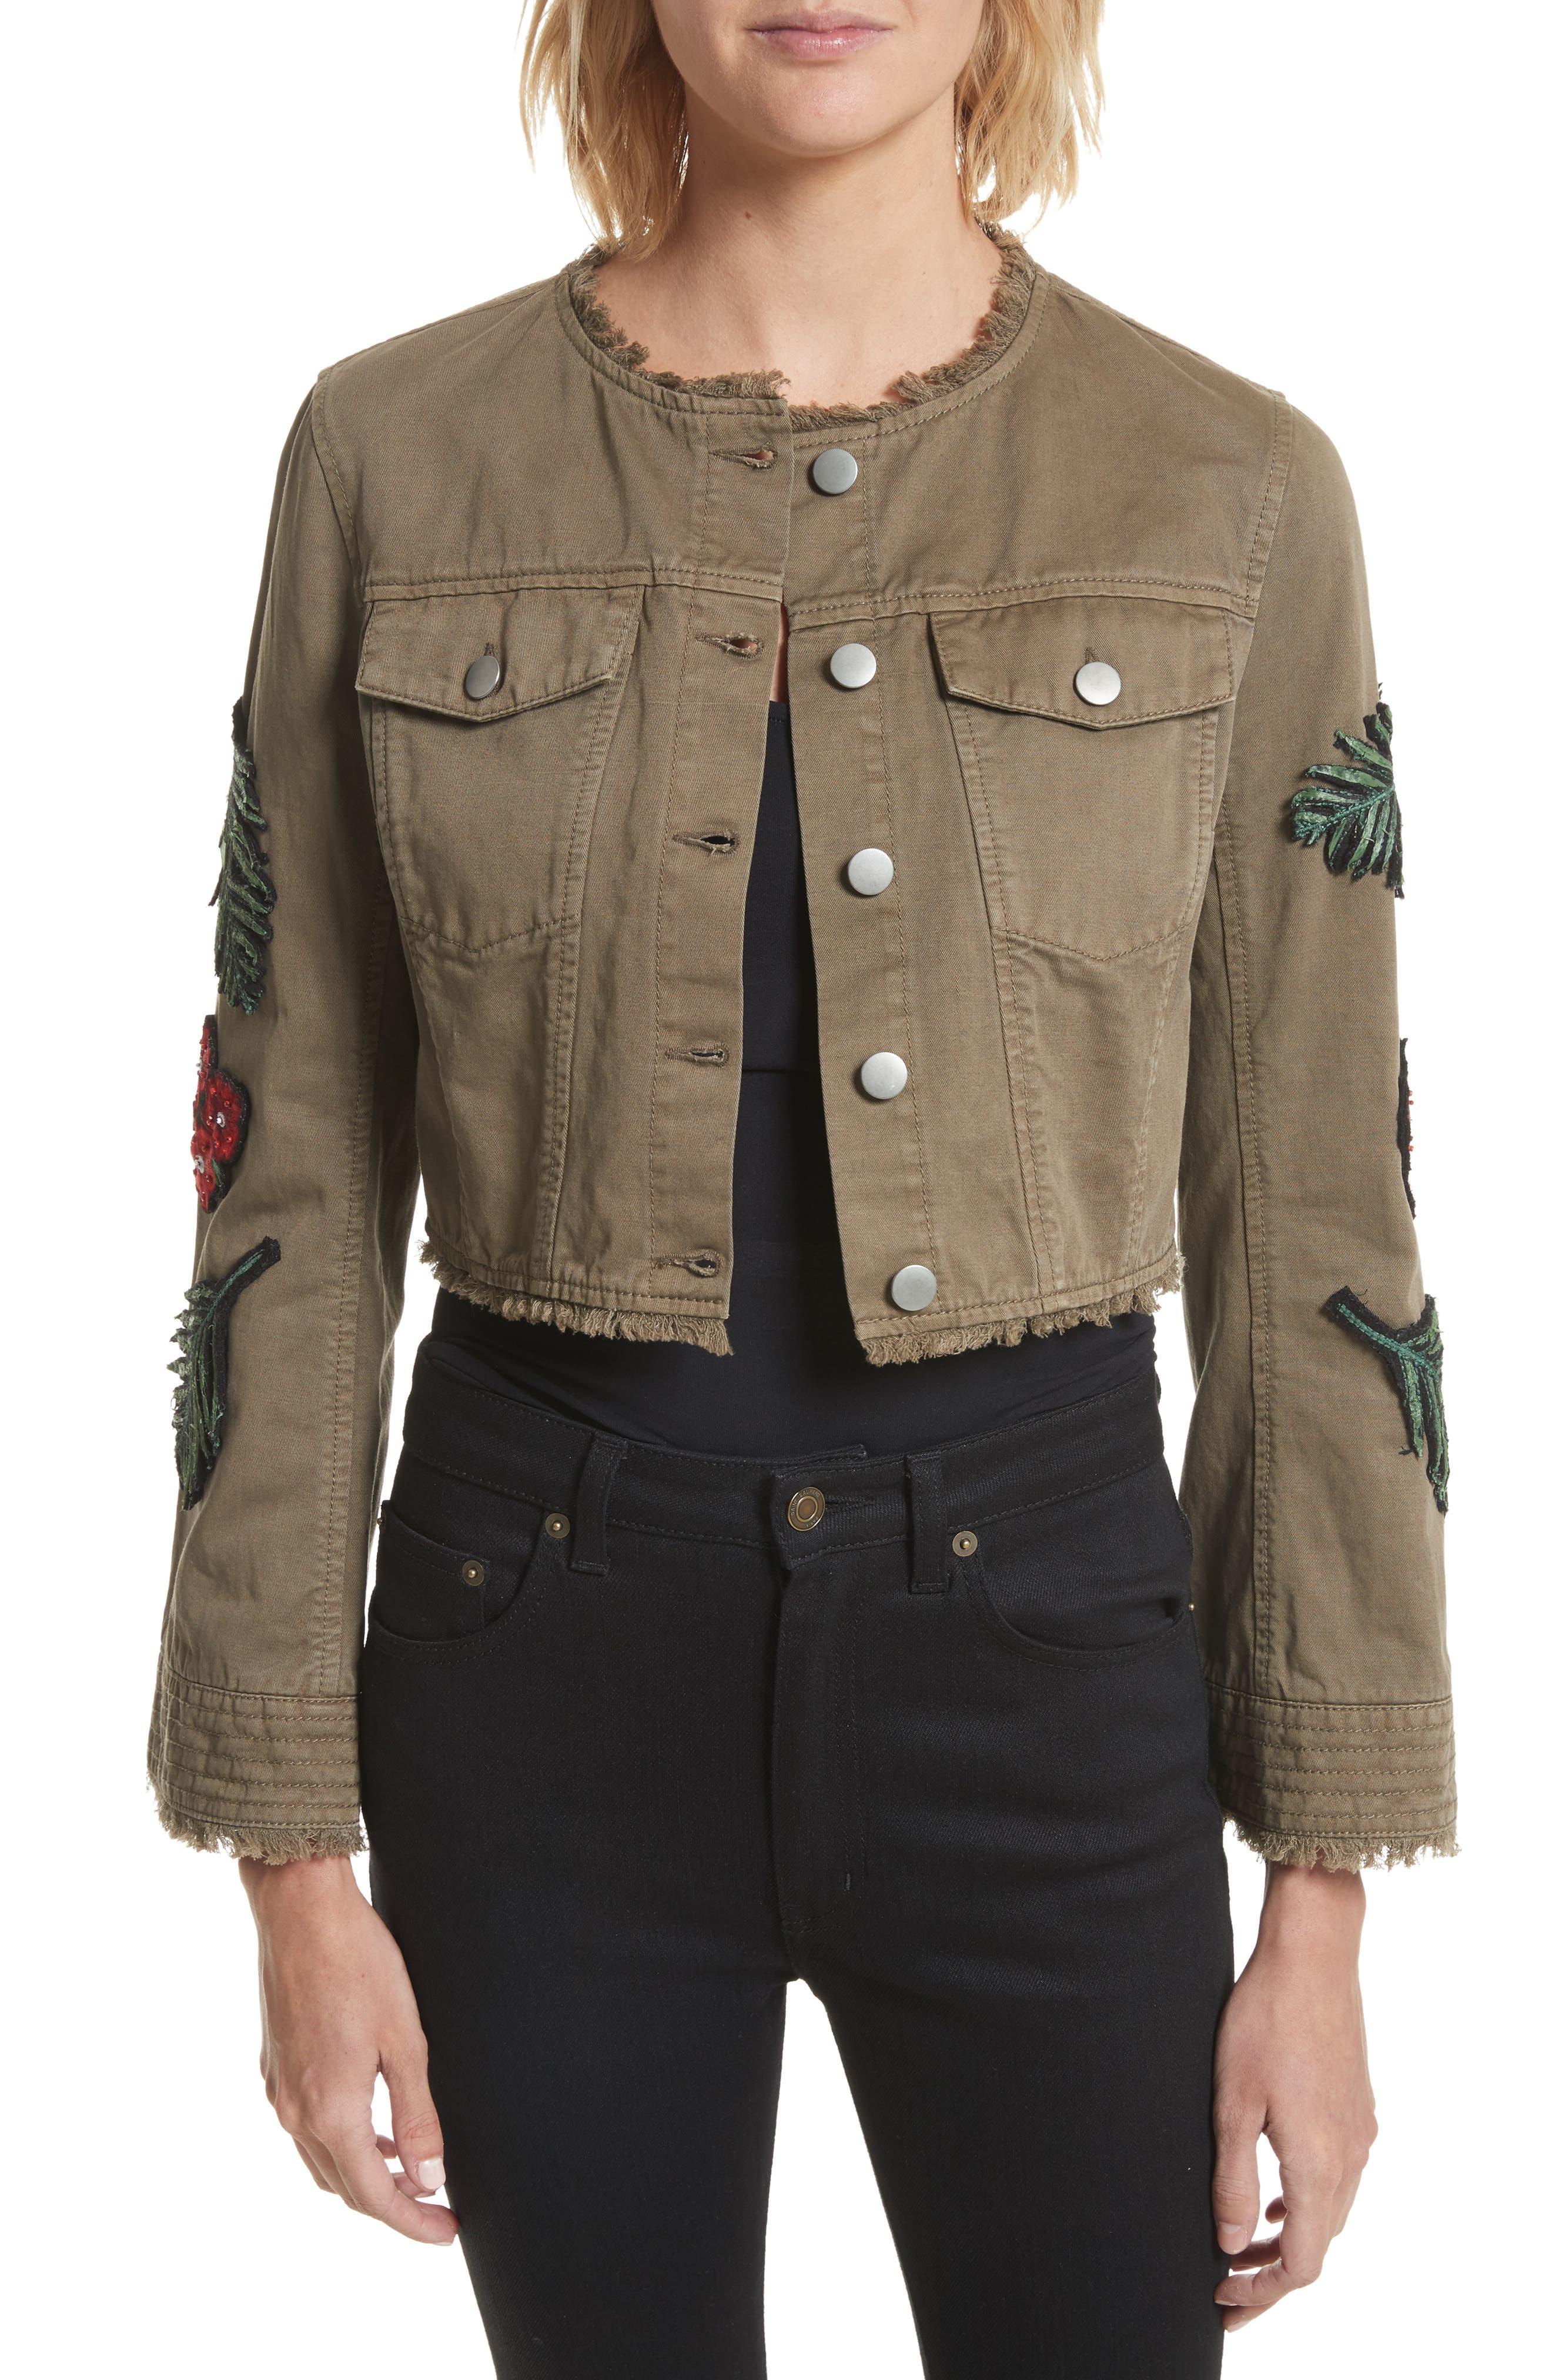 Alternate Image 1 Selected - Cinq à Sept Halina Embellished Crop Jacket